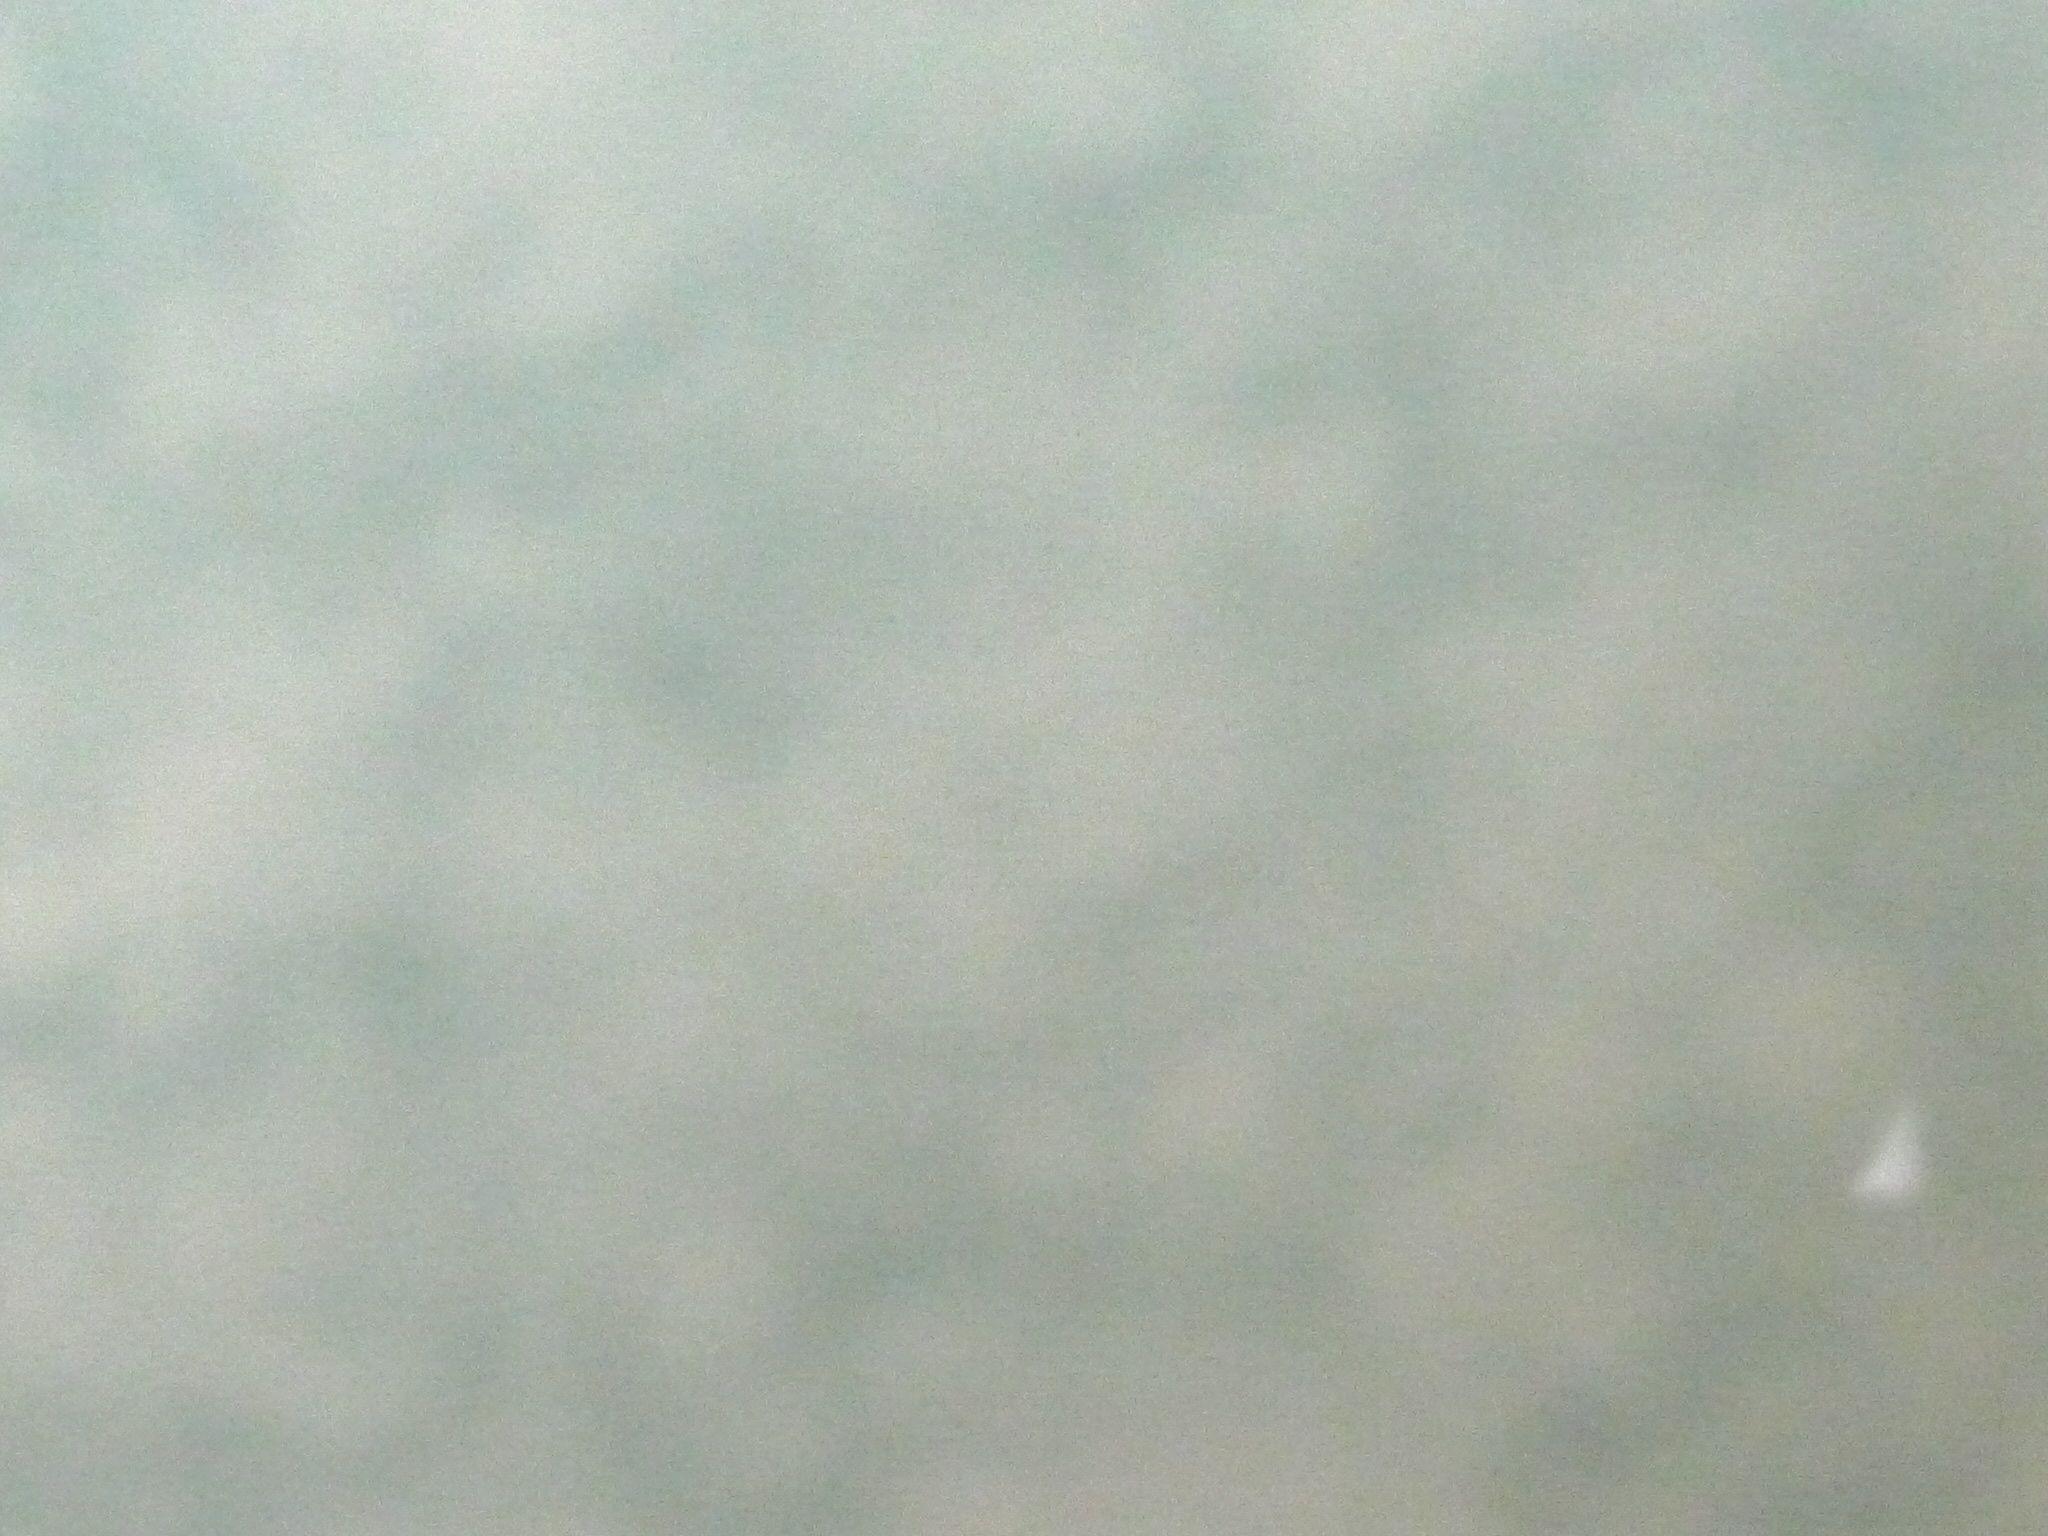 Enlever La Moisissure Dans La Douche Absorbeur Humidit